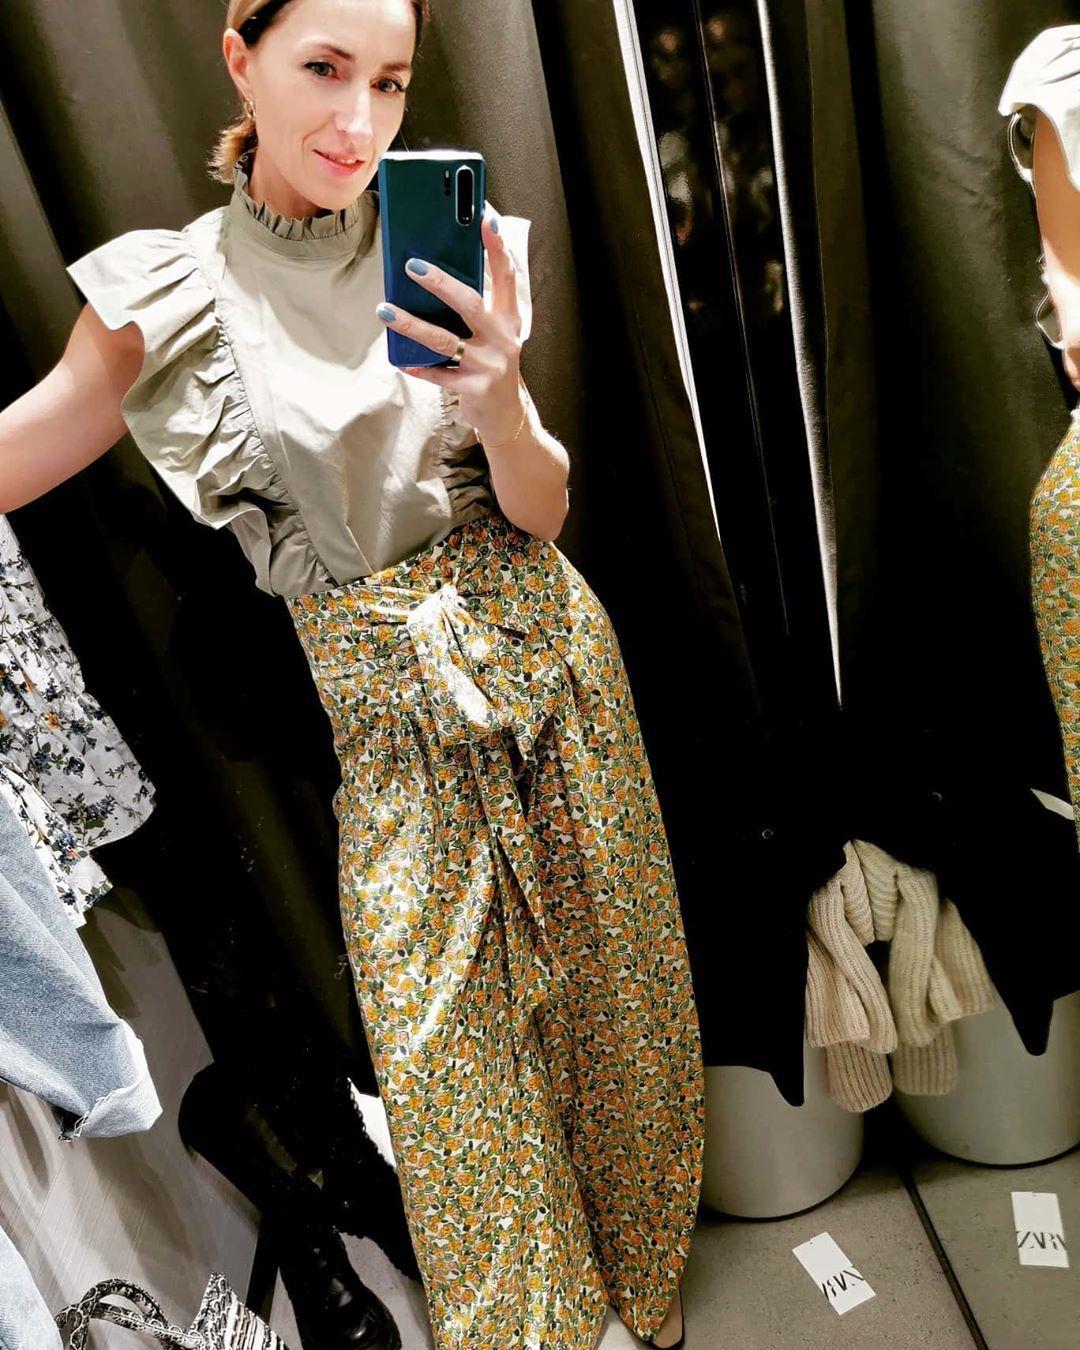 Te spodnie są na prawdę piękne. Taki print króluje na światowych wybiegach. Myślę że świeży powiew wiosny w...Te spodnie są na prawdę piękne. Taki print króluje na światowych wybiegach. Myślę że świeży powiew wiosny w modzie. 😊💪💚💚#zara #wiosna #poznań #zaraoutfits #spodnie #zielen #kolor #fashion #fashionloverstyle #fashionlover #style #styleoftheday